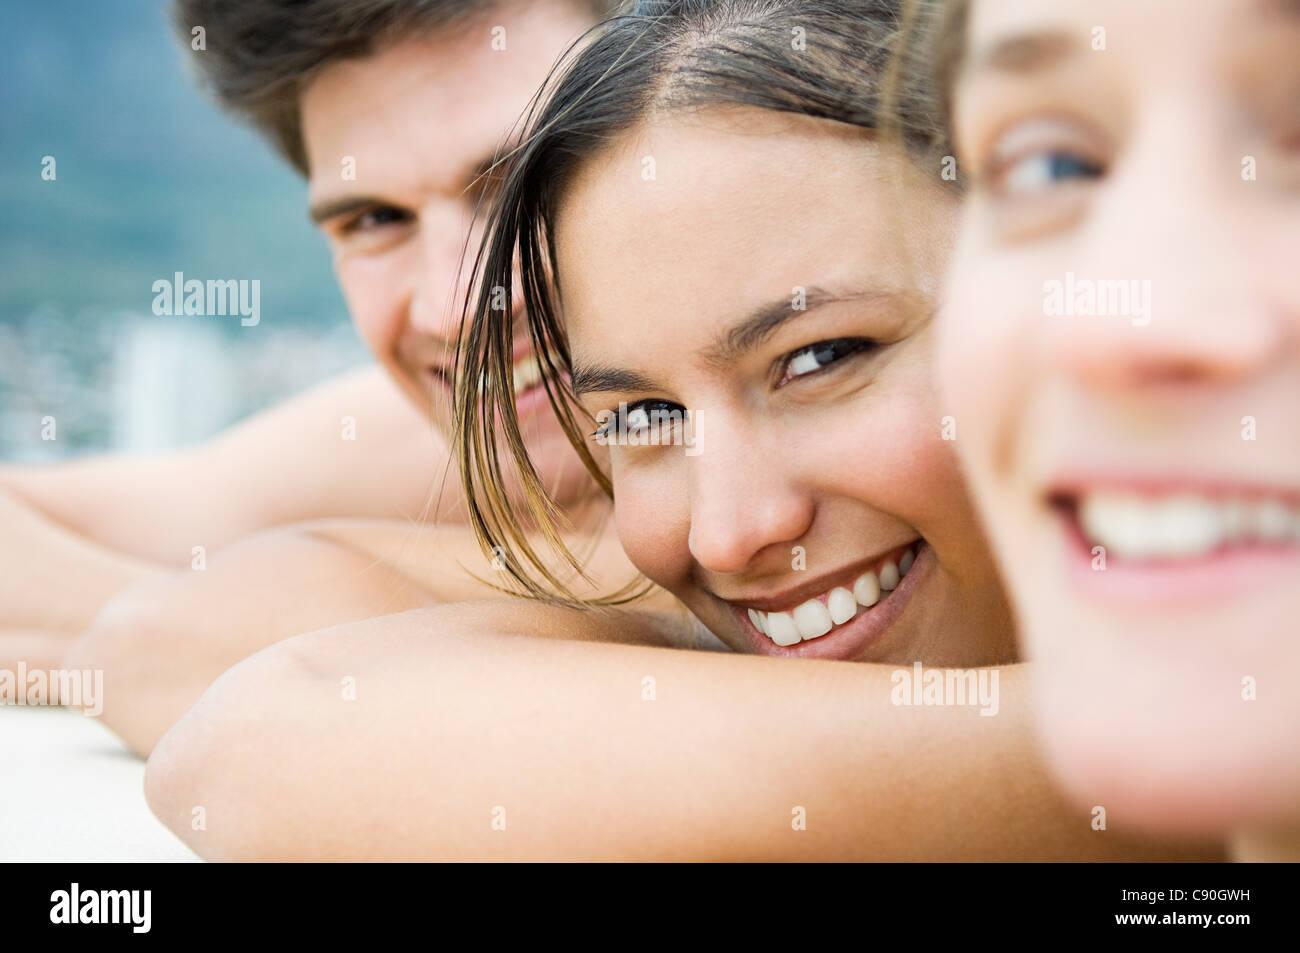 Trois personnes, portrait Photo Stock